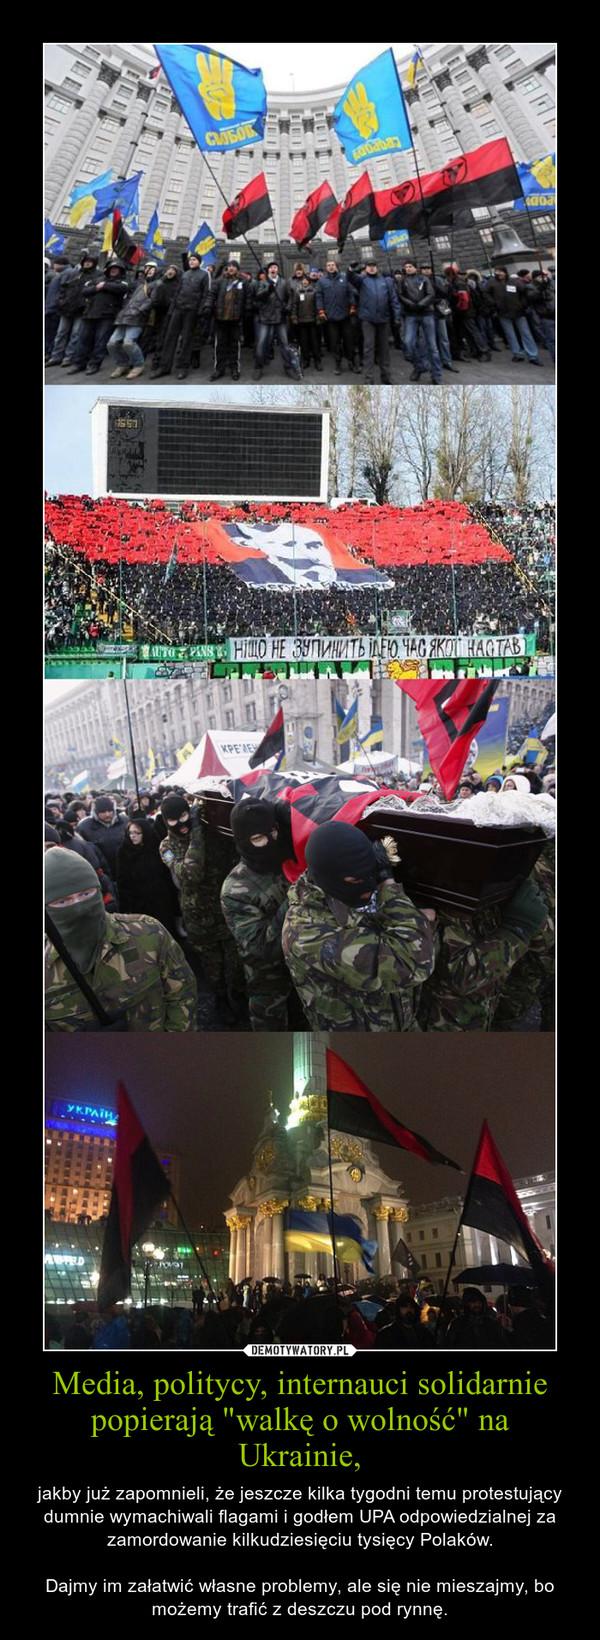 """Media, politycy, internauci solidarnie popierają """"walkę o wolność"""" na Ukrainie, – jakby już zapomnieli, że jeszcze kilka tygodni temu protestujący dumnie wymachiwali flagami i godłem UPA odpowiedzialnej za zamordowanie kilkudziesięciu tysięcy Polaków.Dajmy im załatwić własne problemy, ale się nie mieszajmy, bo możemy trafić z deszczu pod rynnę."""